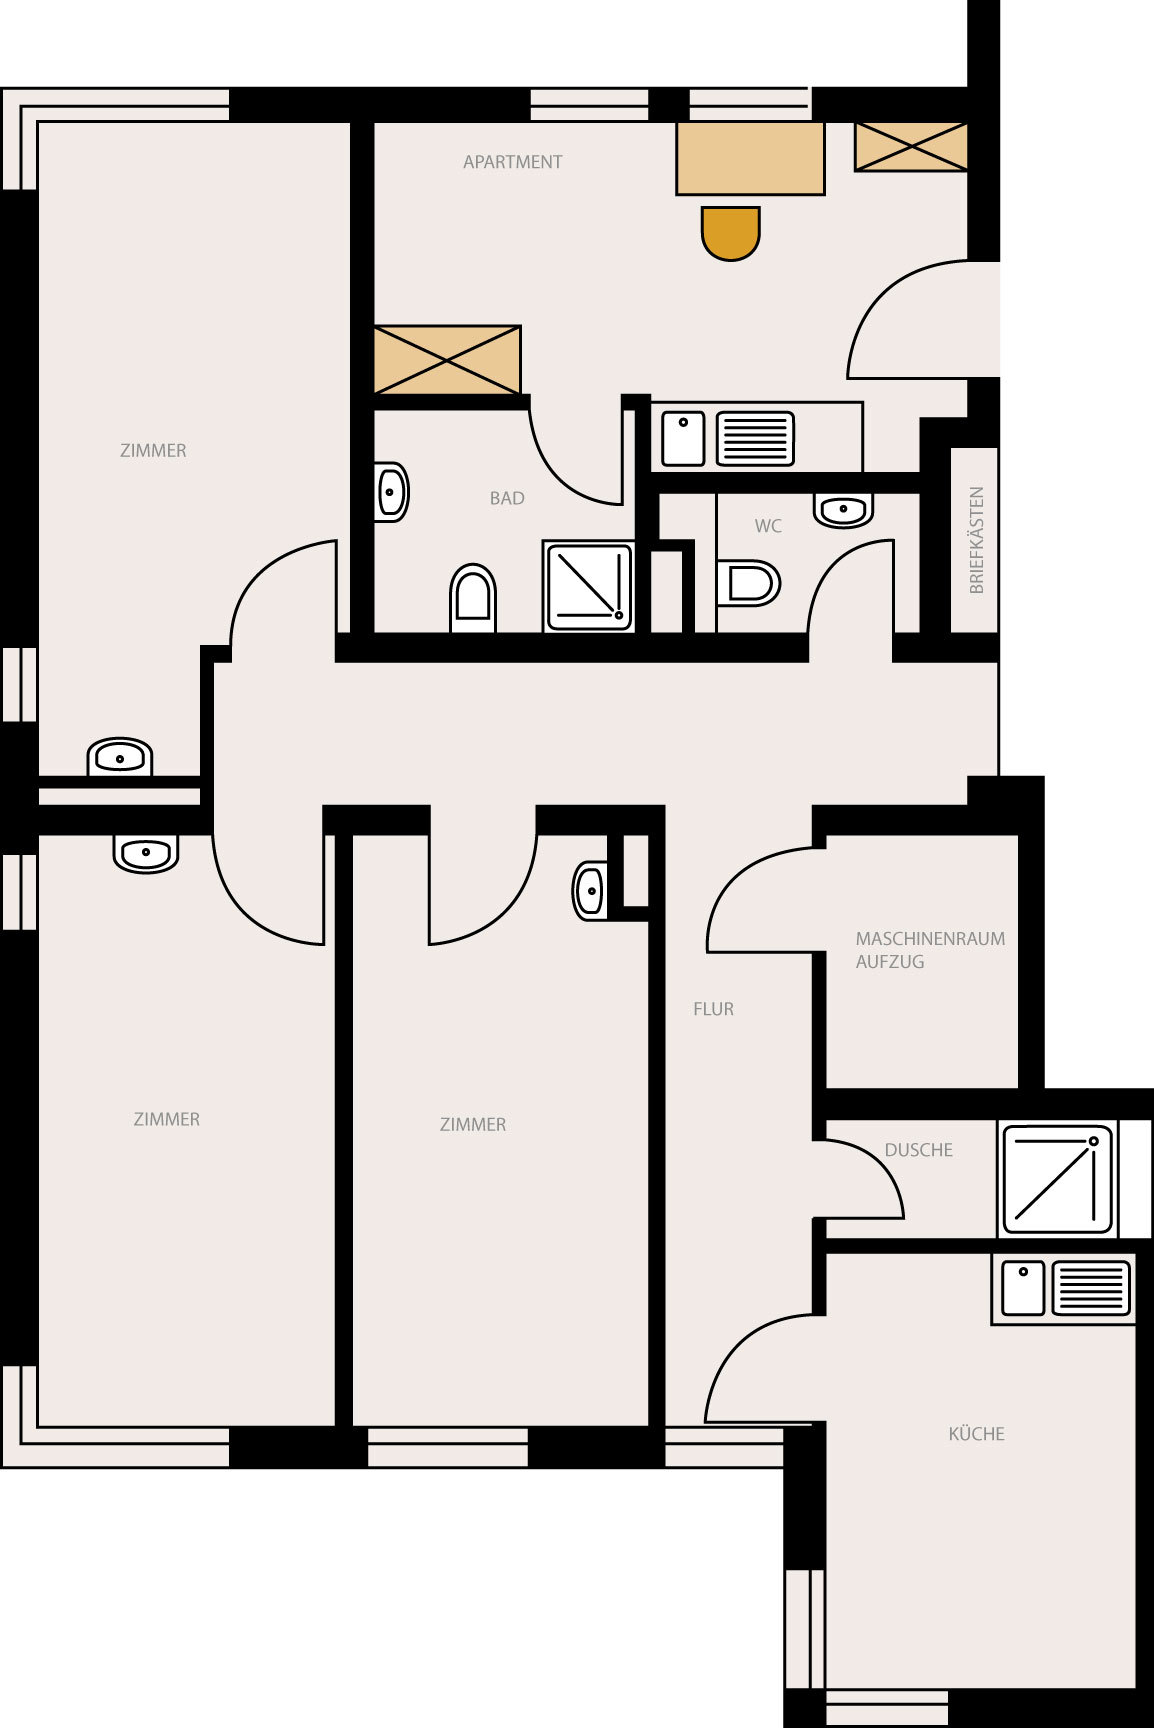 Studierendenwerk mannheim hafenstra e 35 45 bilder for Wohnung planen app